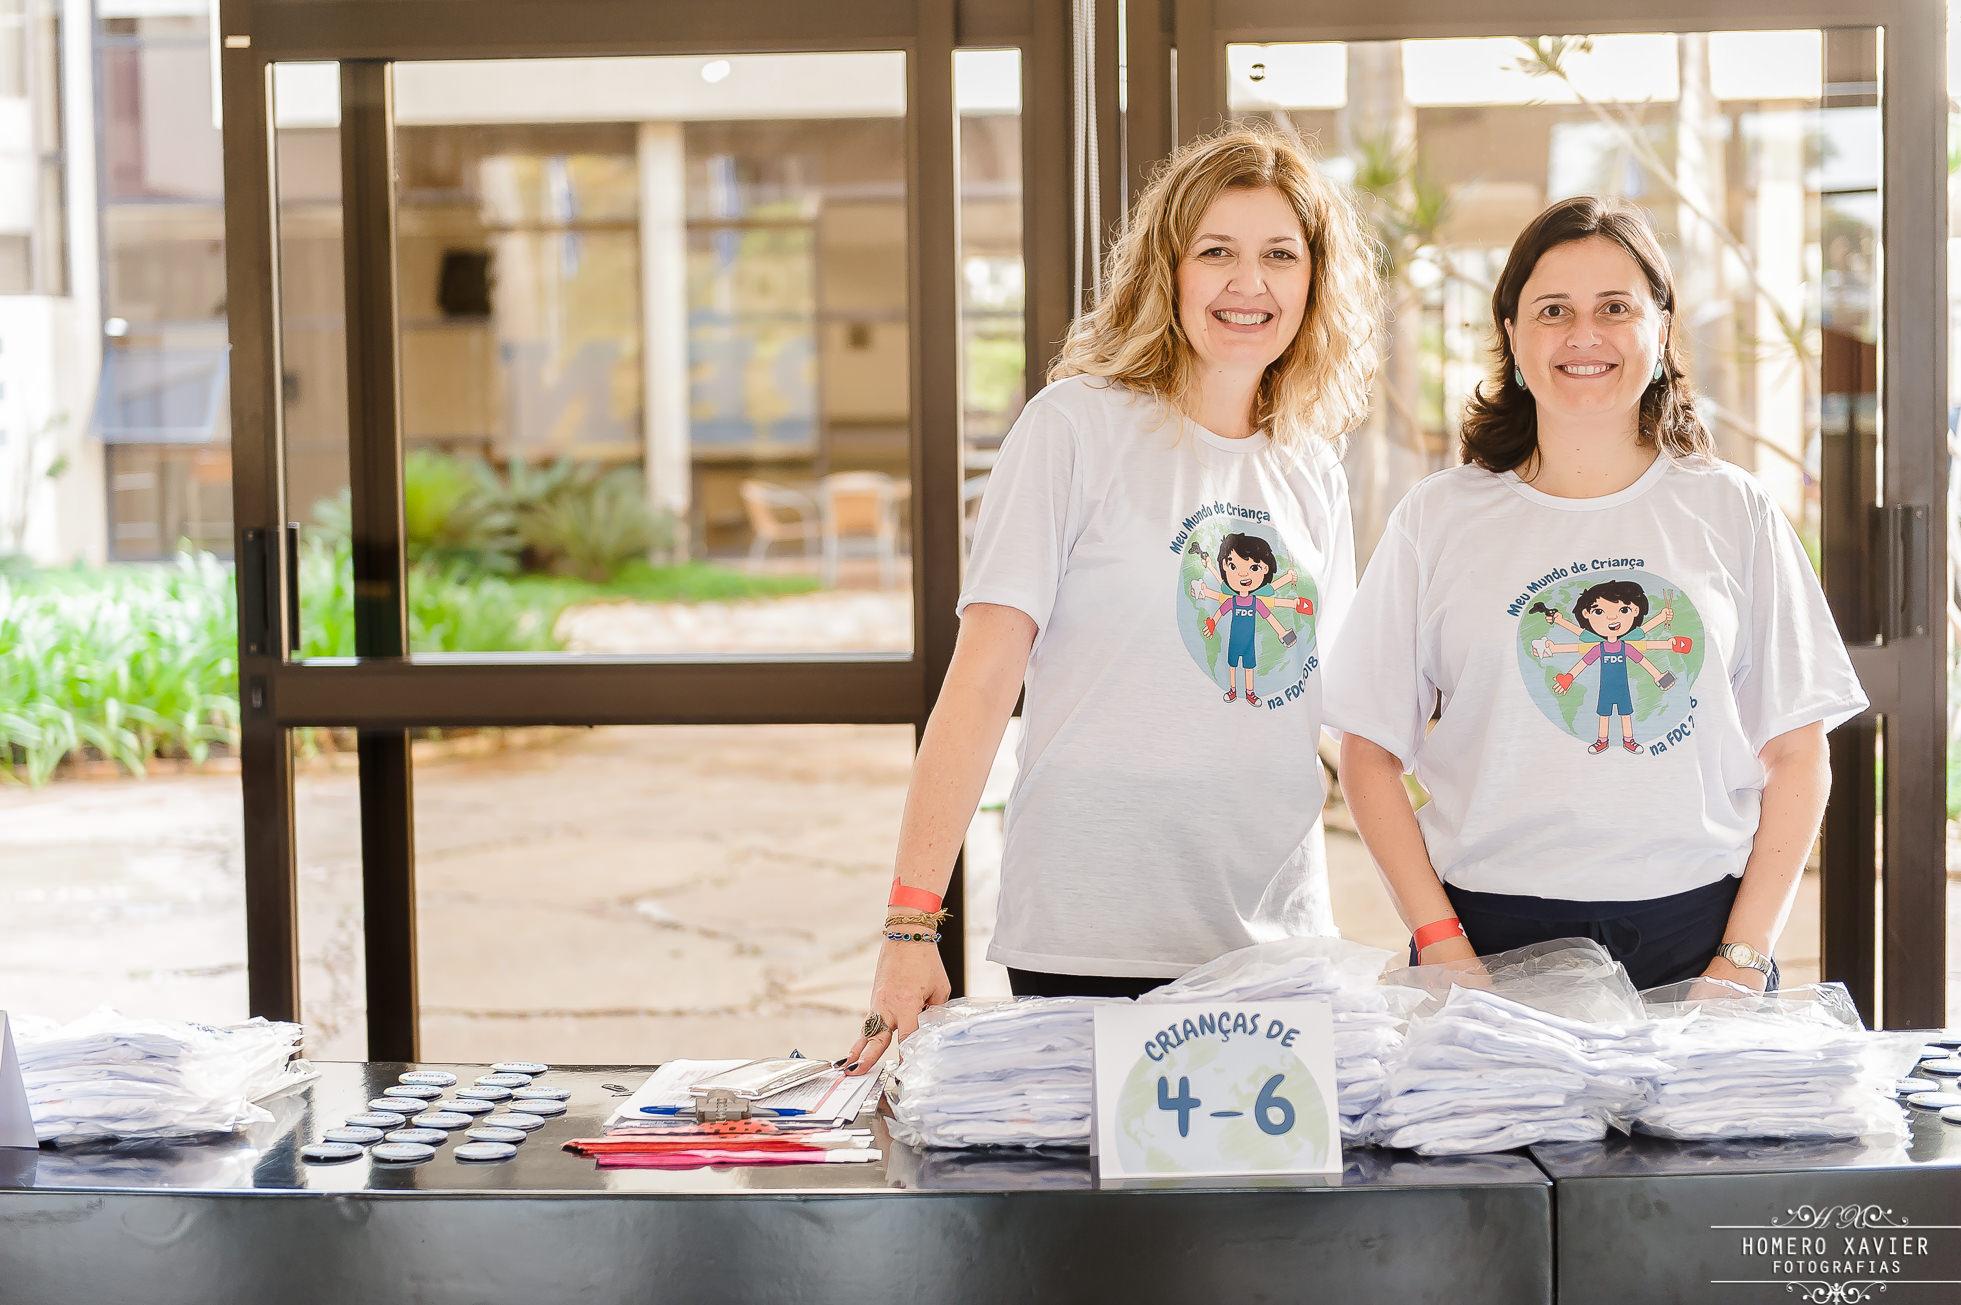 fotografia festa evento empresarial em BH